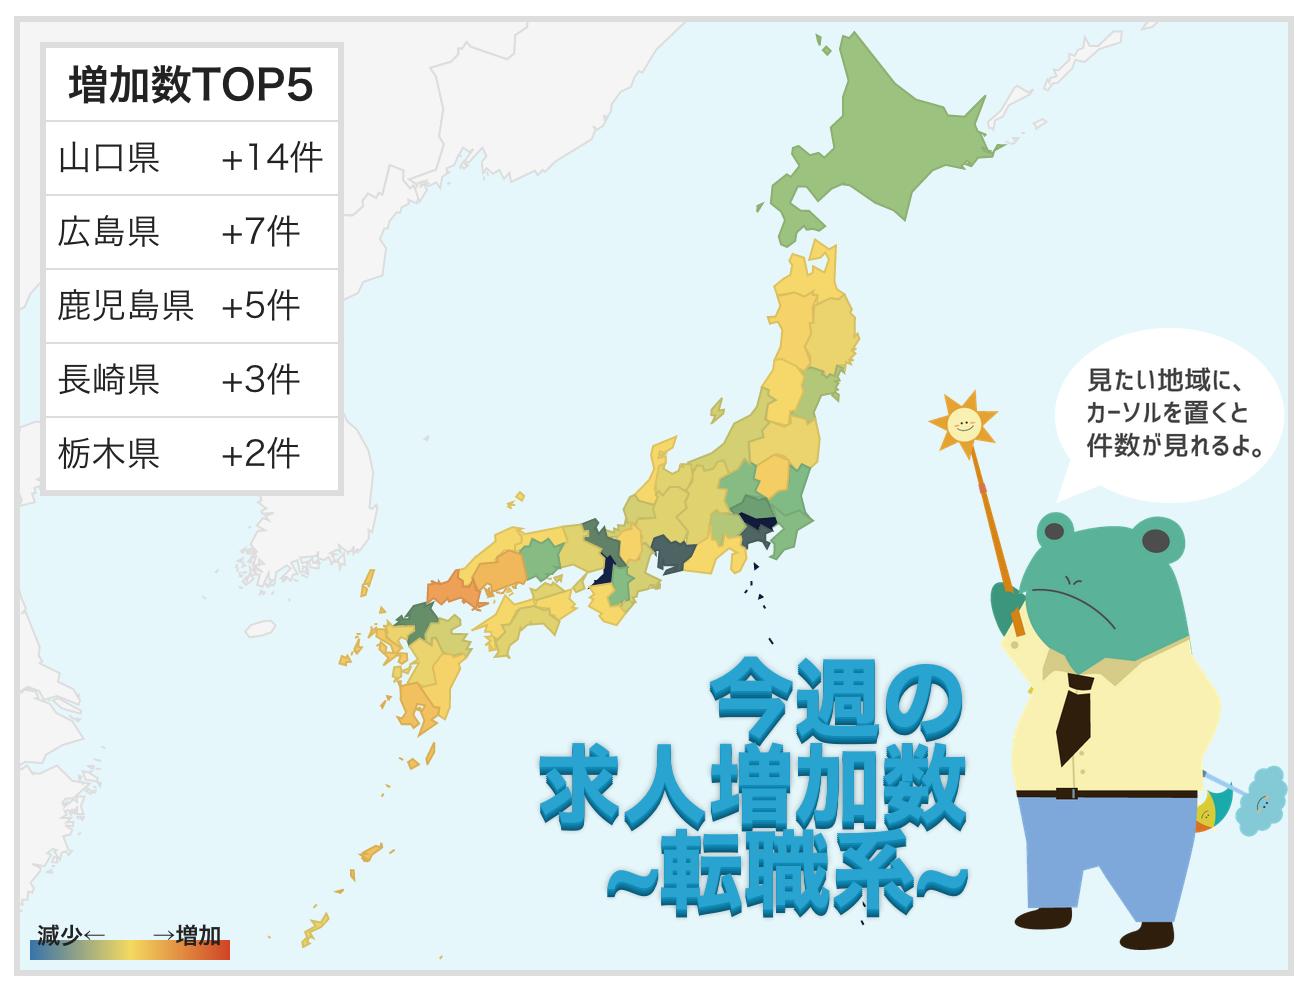 今週最も求人が増えたのは山口(+14件)、減ったのは東京(ー547件) - 都道府県別求人掲載件数 -